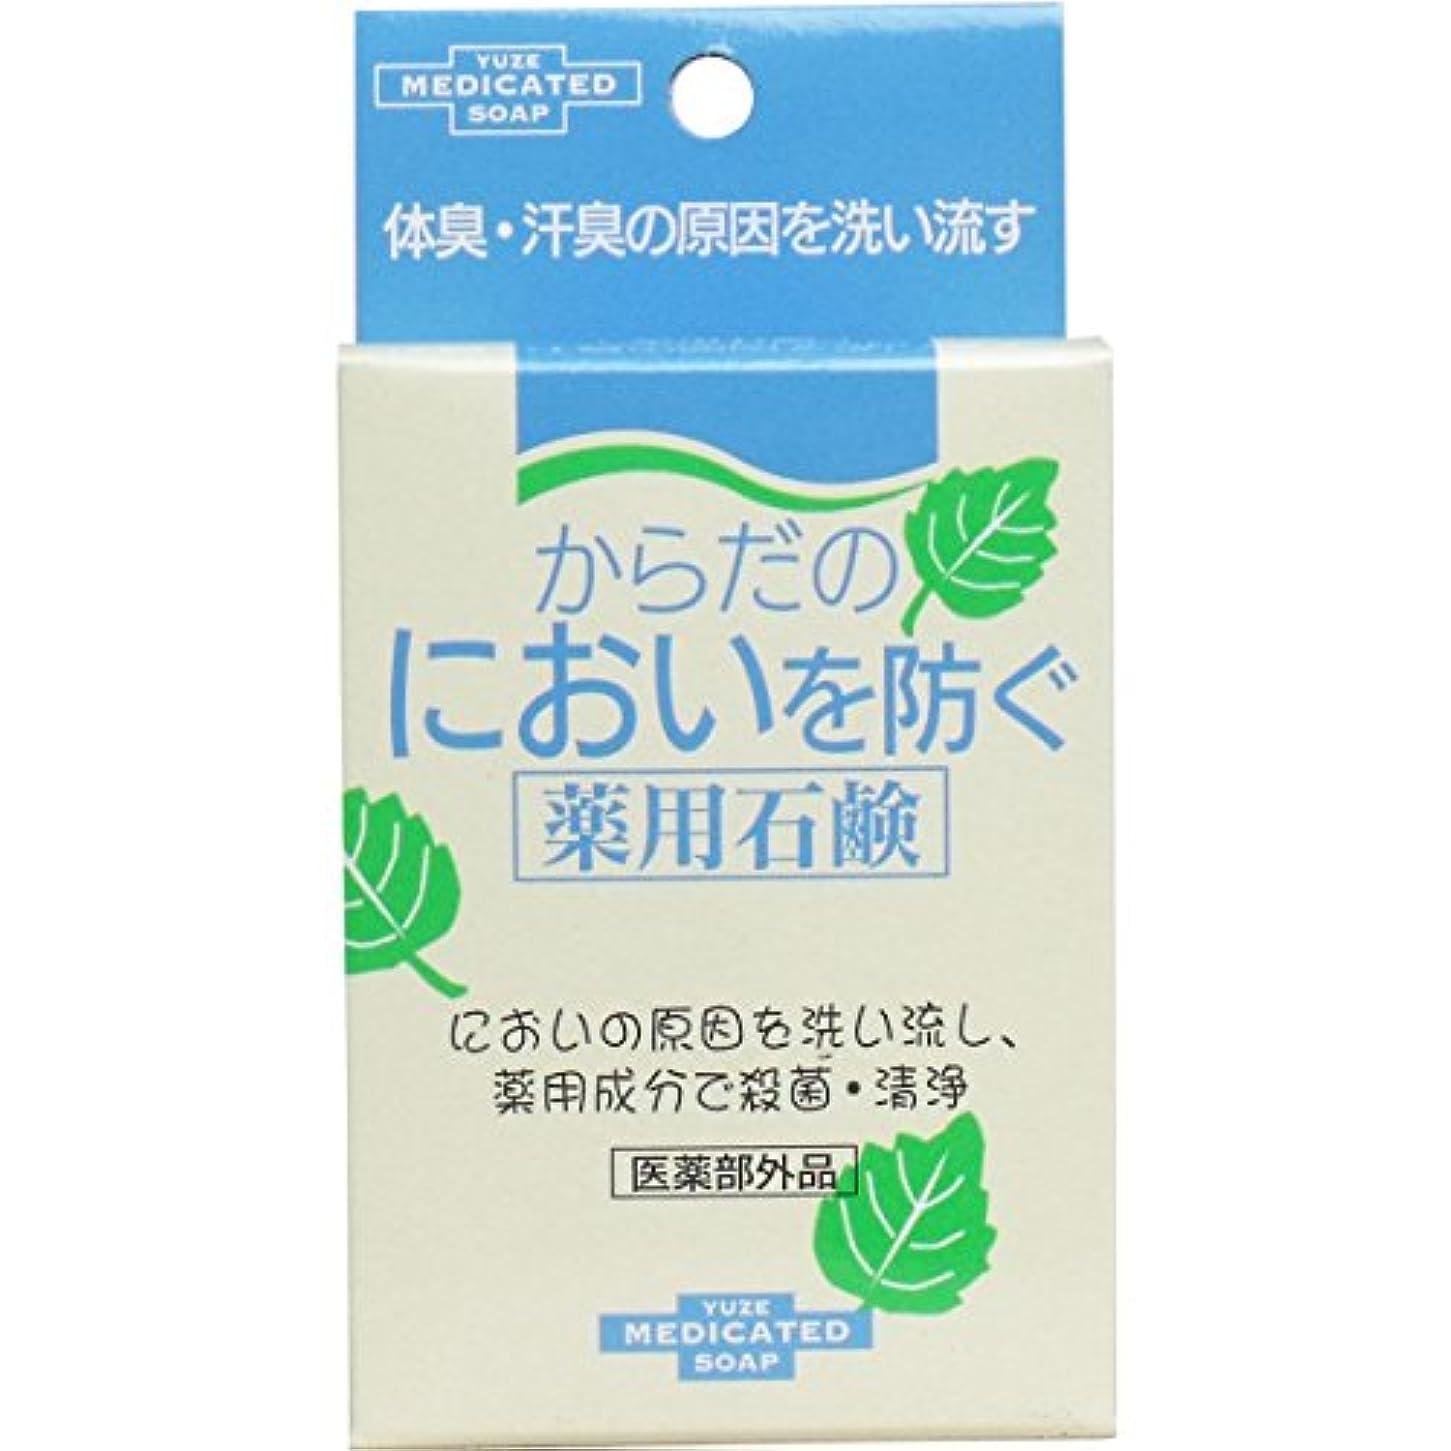 スカーフ精通した生まれユゼ からだのにおいを防ぐ薬用石鹸 7セット